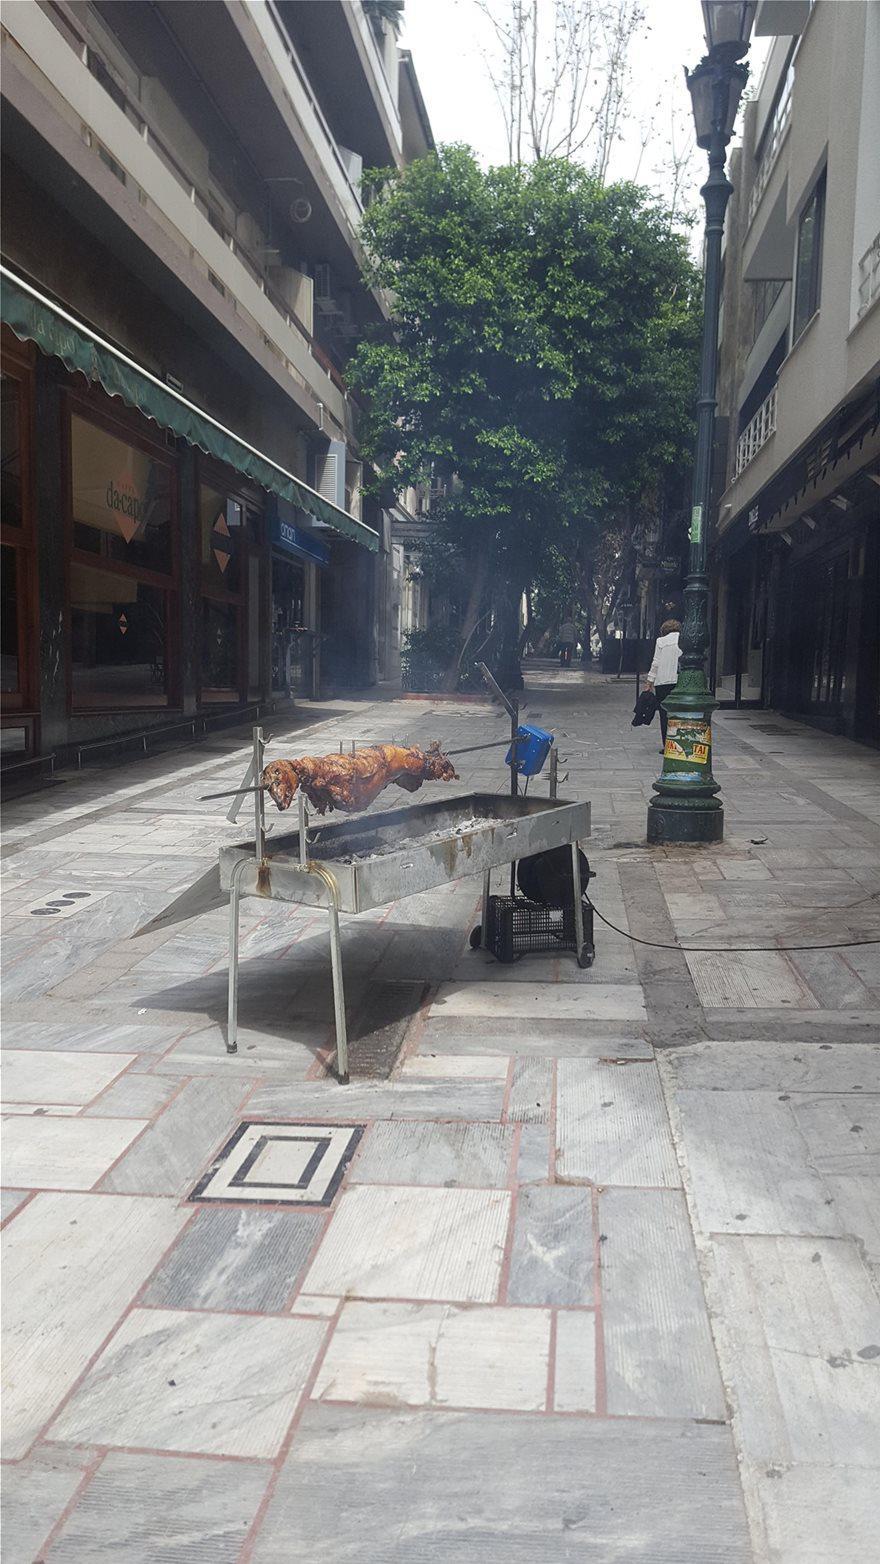 Πάσχα στην πόλη: Σκέπασε την Αττική η τσίκνα από το ψήσιμο του οβελία - Πώς γιόρτασαν οι Έλληνες